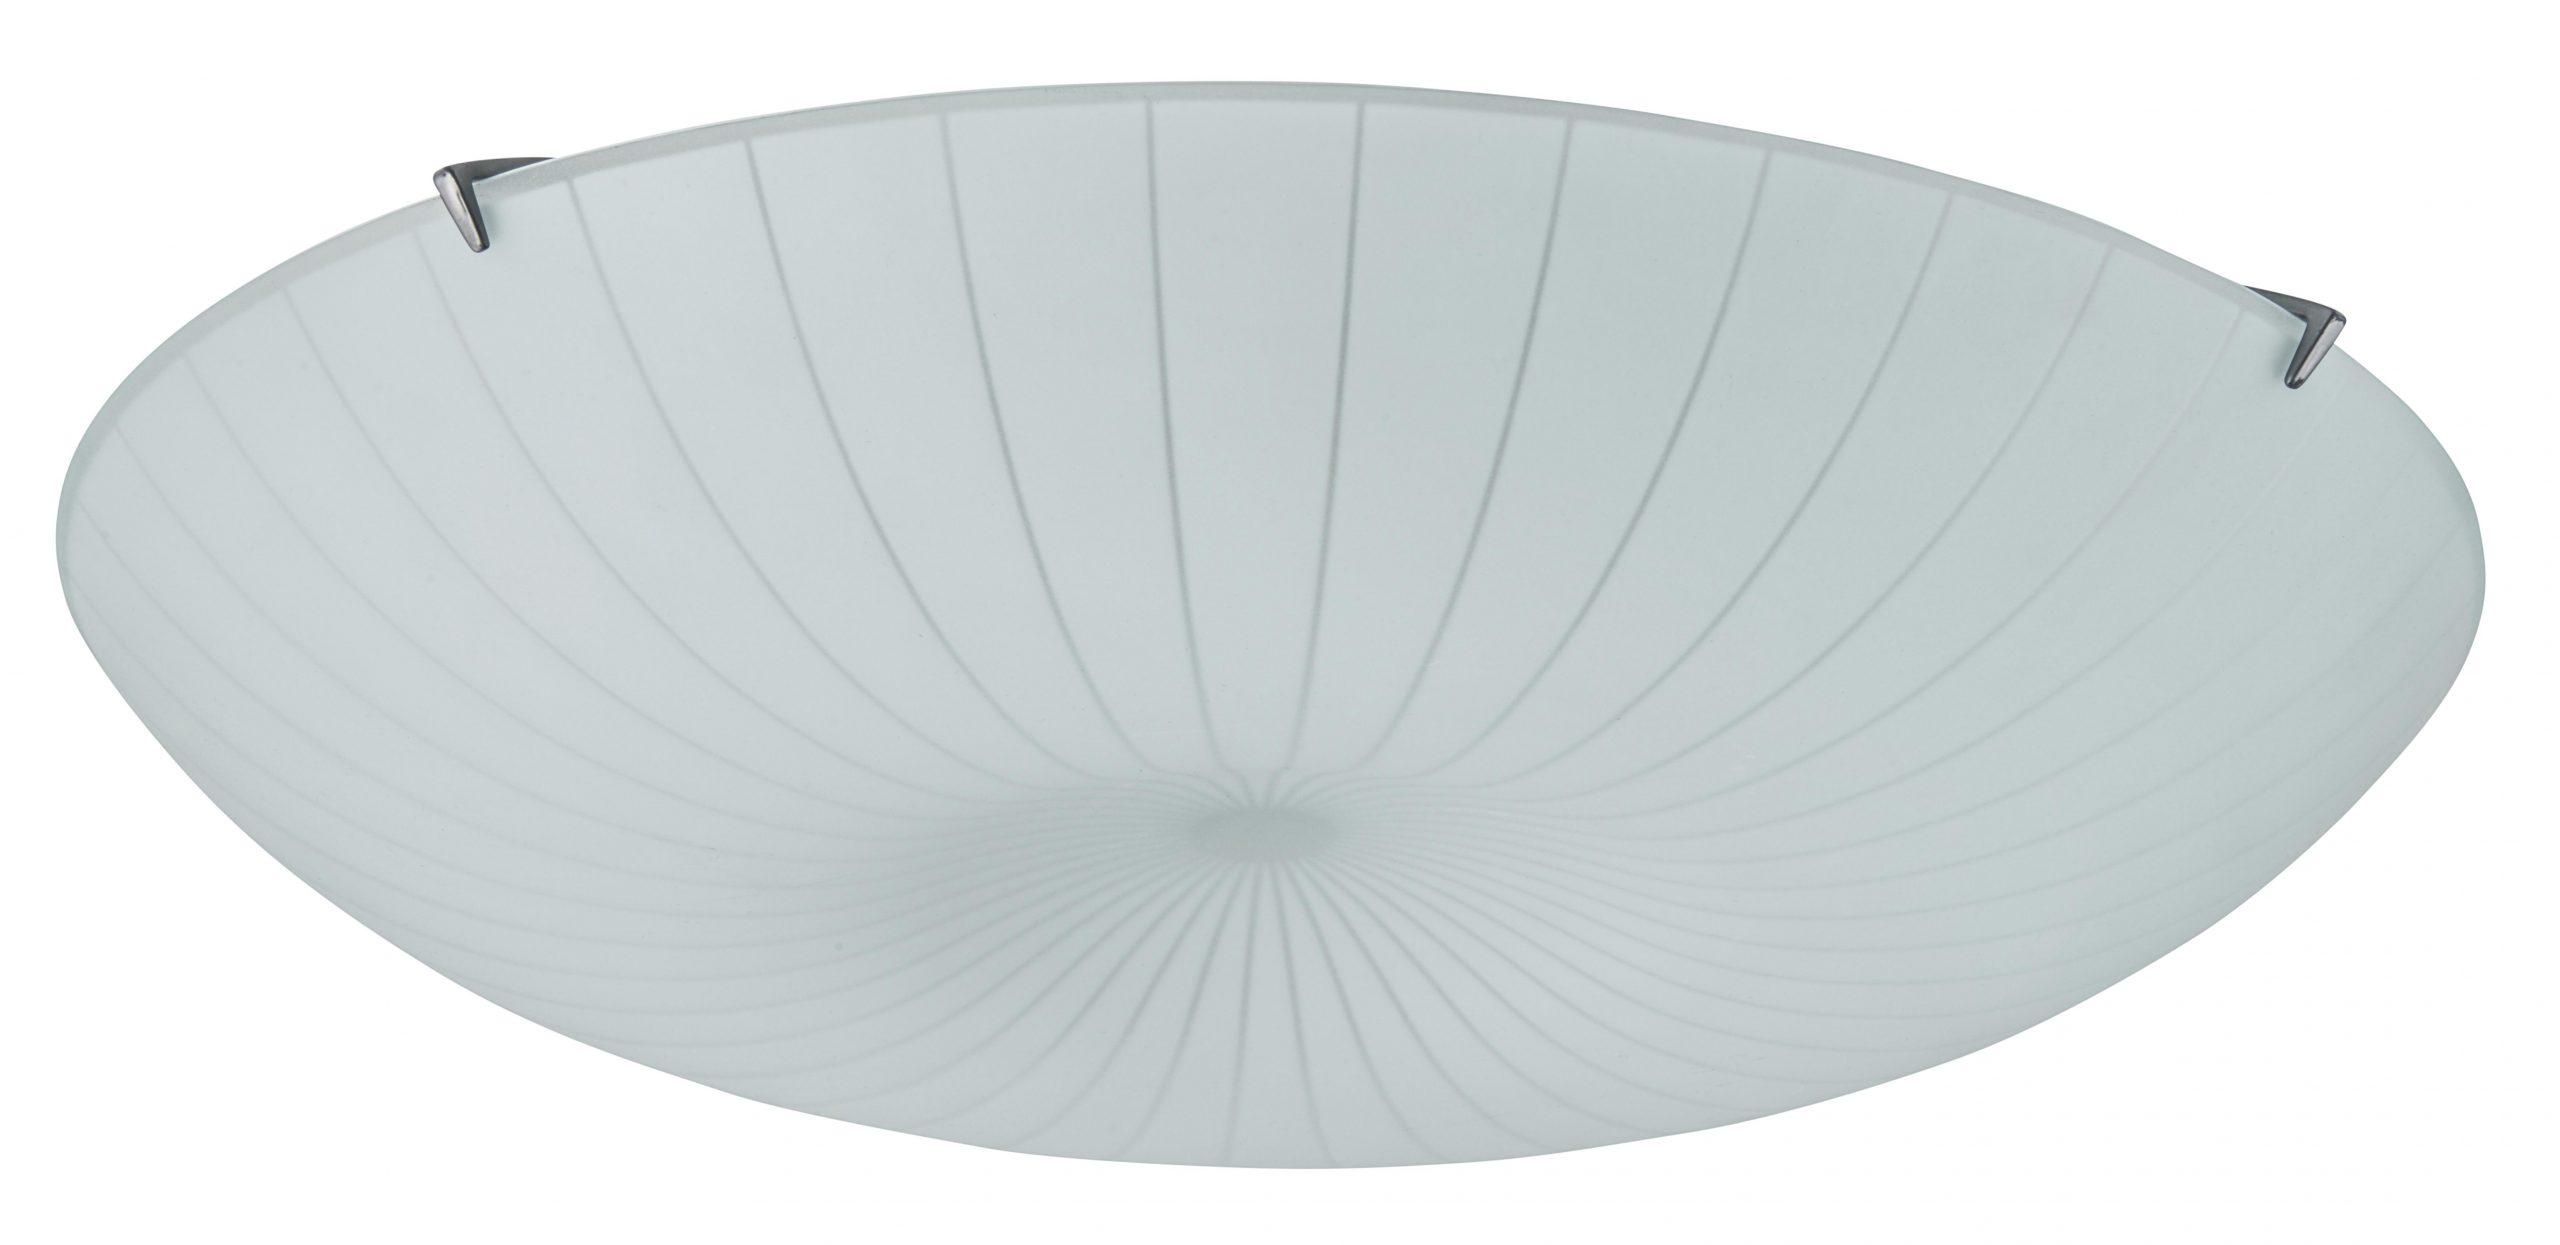 Full Size of Ikea Deckenlampe Rckruf Bei Diese Lampe Hat Einen Abstrzenden Glasschirm Deckenlampen Wohnzimmer Modern Für Esstisch Küche Kaufen Betten 160x200 Bad Wohnzimmer Ikea Deckenlampe